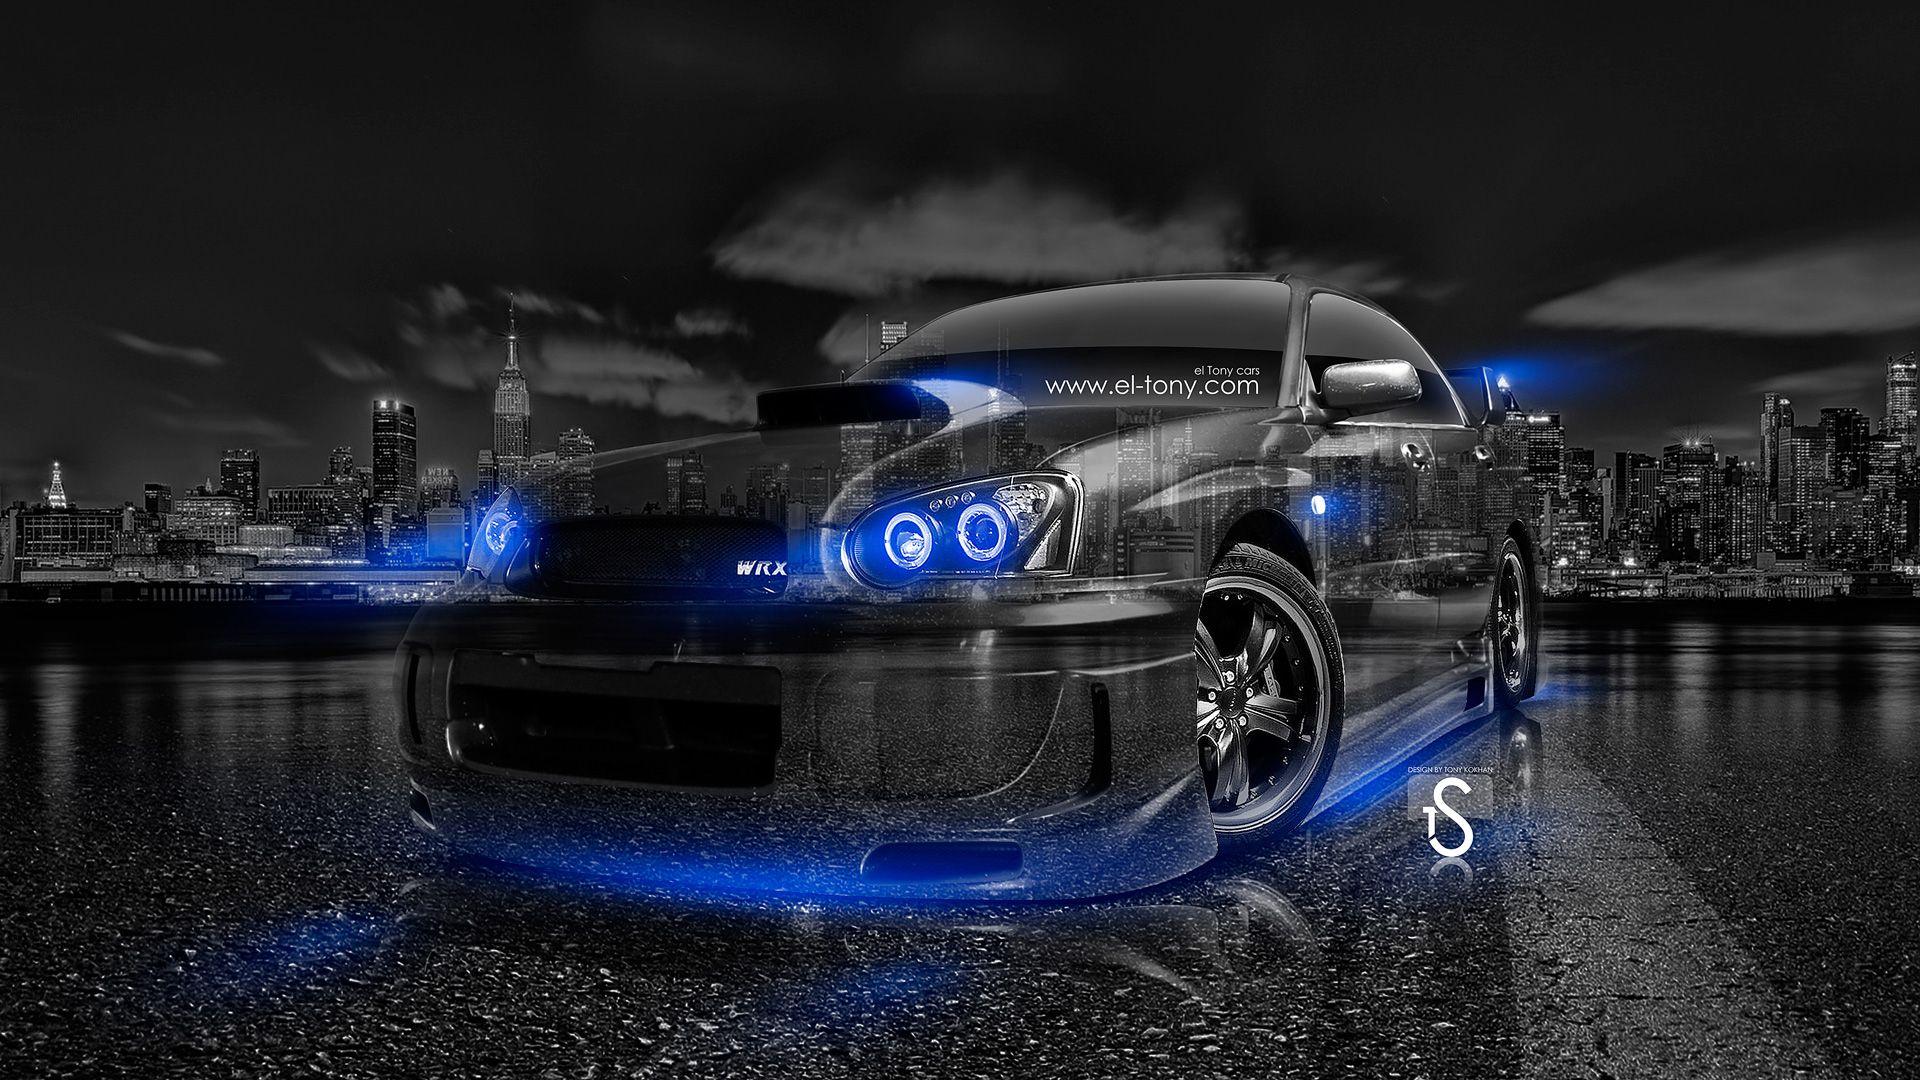 Subaru Impreza WRX STI JDM Crystal City Car